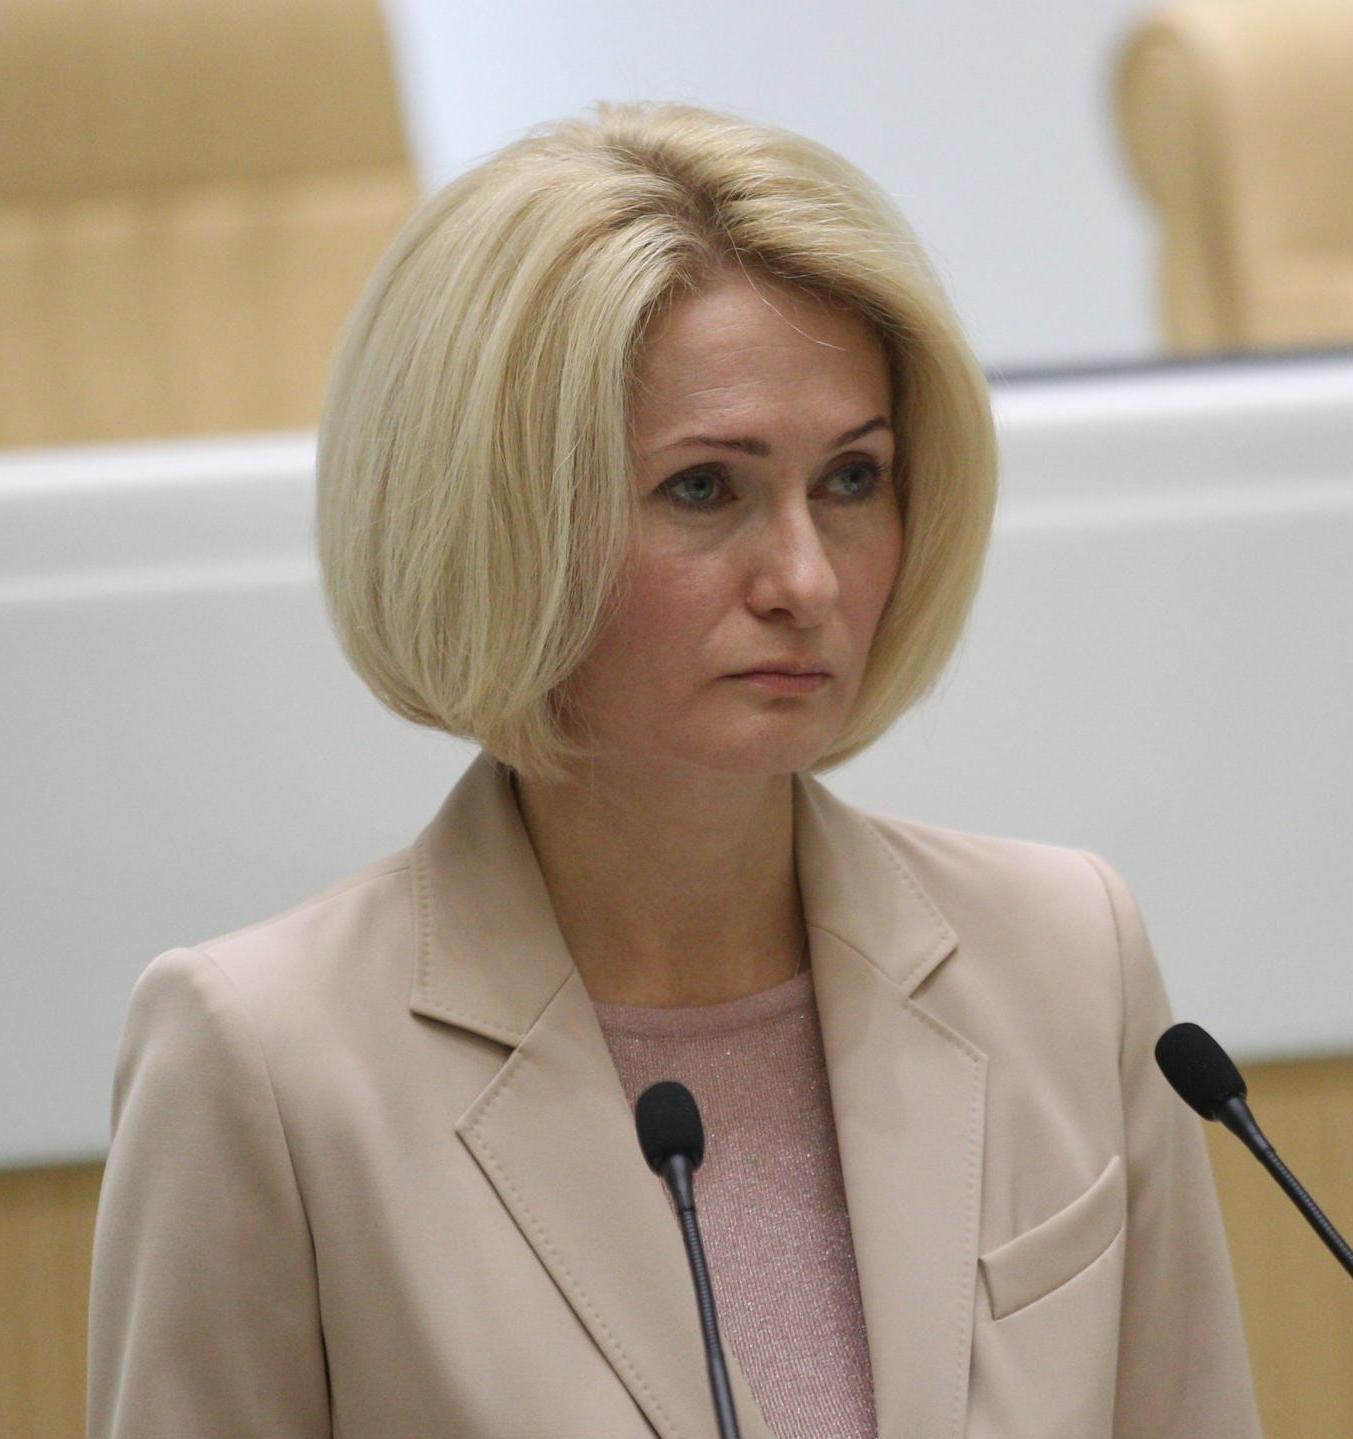 Виктория Абрамченко призвала россиян сдавать одежду в переработку